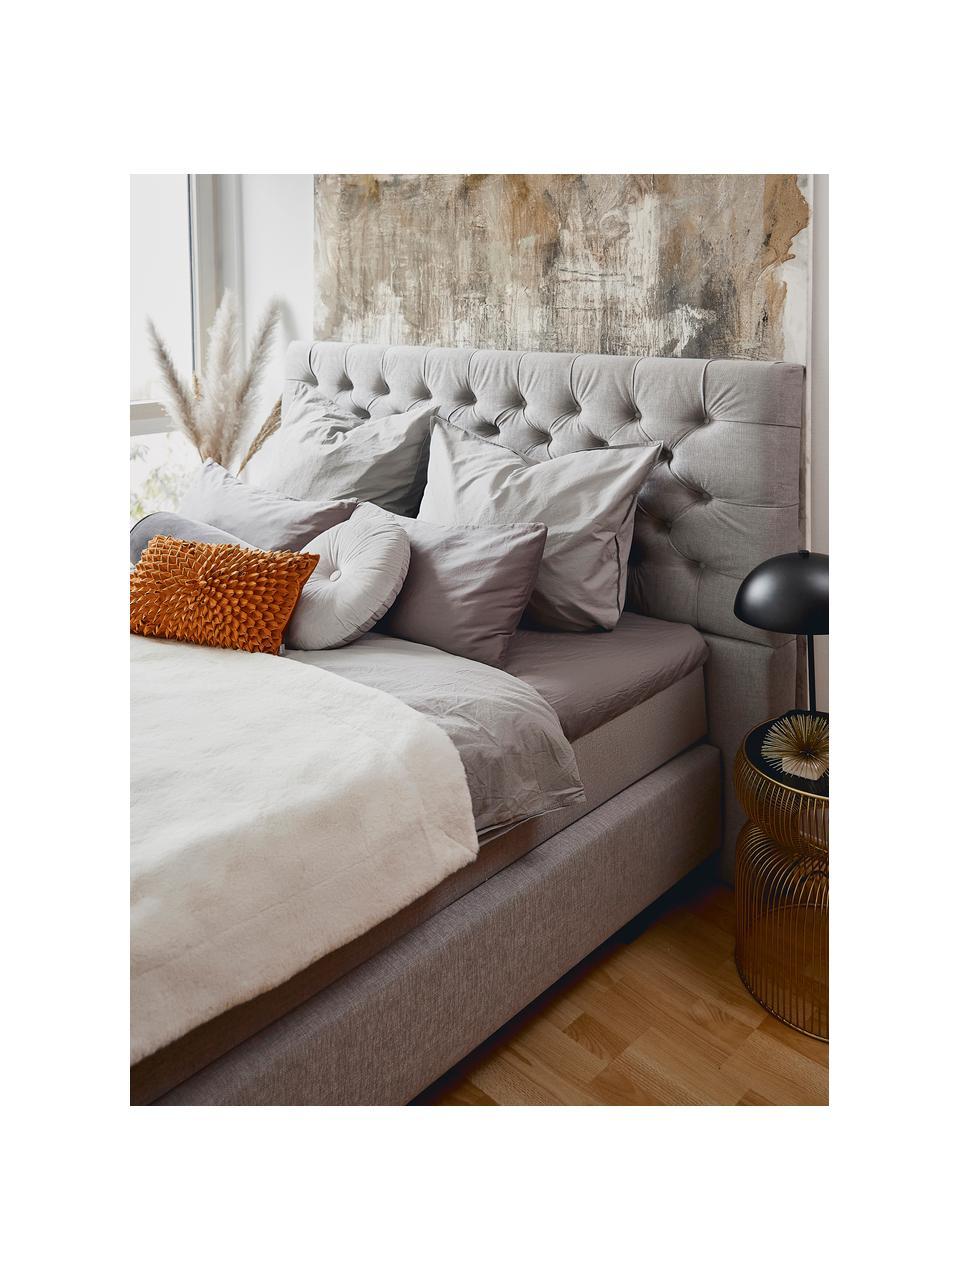 Łóżko kontynentalne z aksamitu premium Phoebe, Nogi: lite drewno brzozowe, lak, Aksamitny szary, 200 x 200 cm